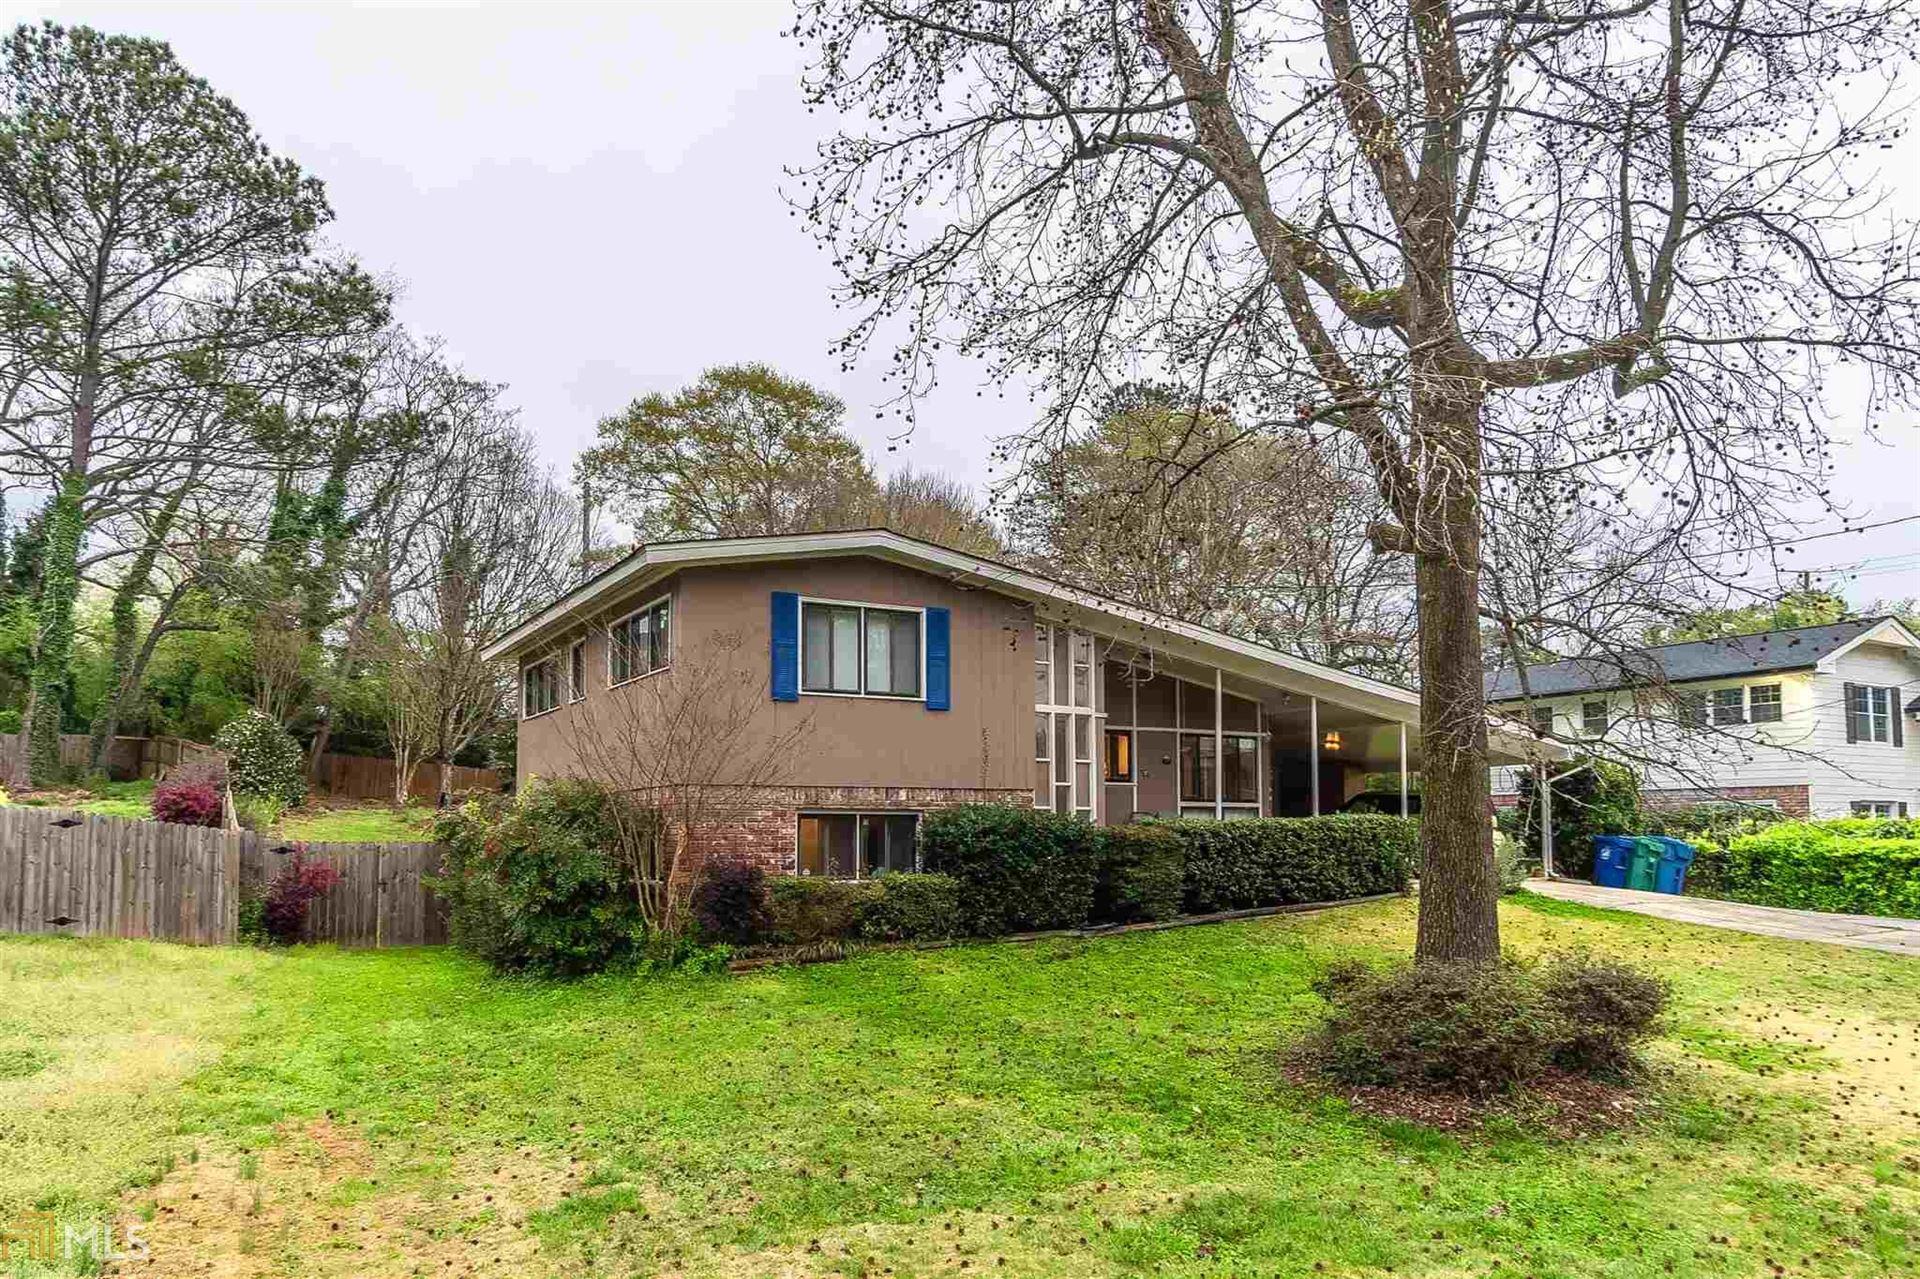 1643 Spruce Valley Dr, Decatur, GA 30033 - #: 8944670